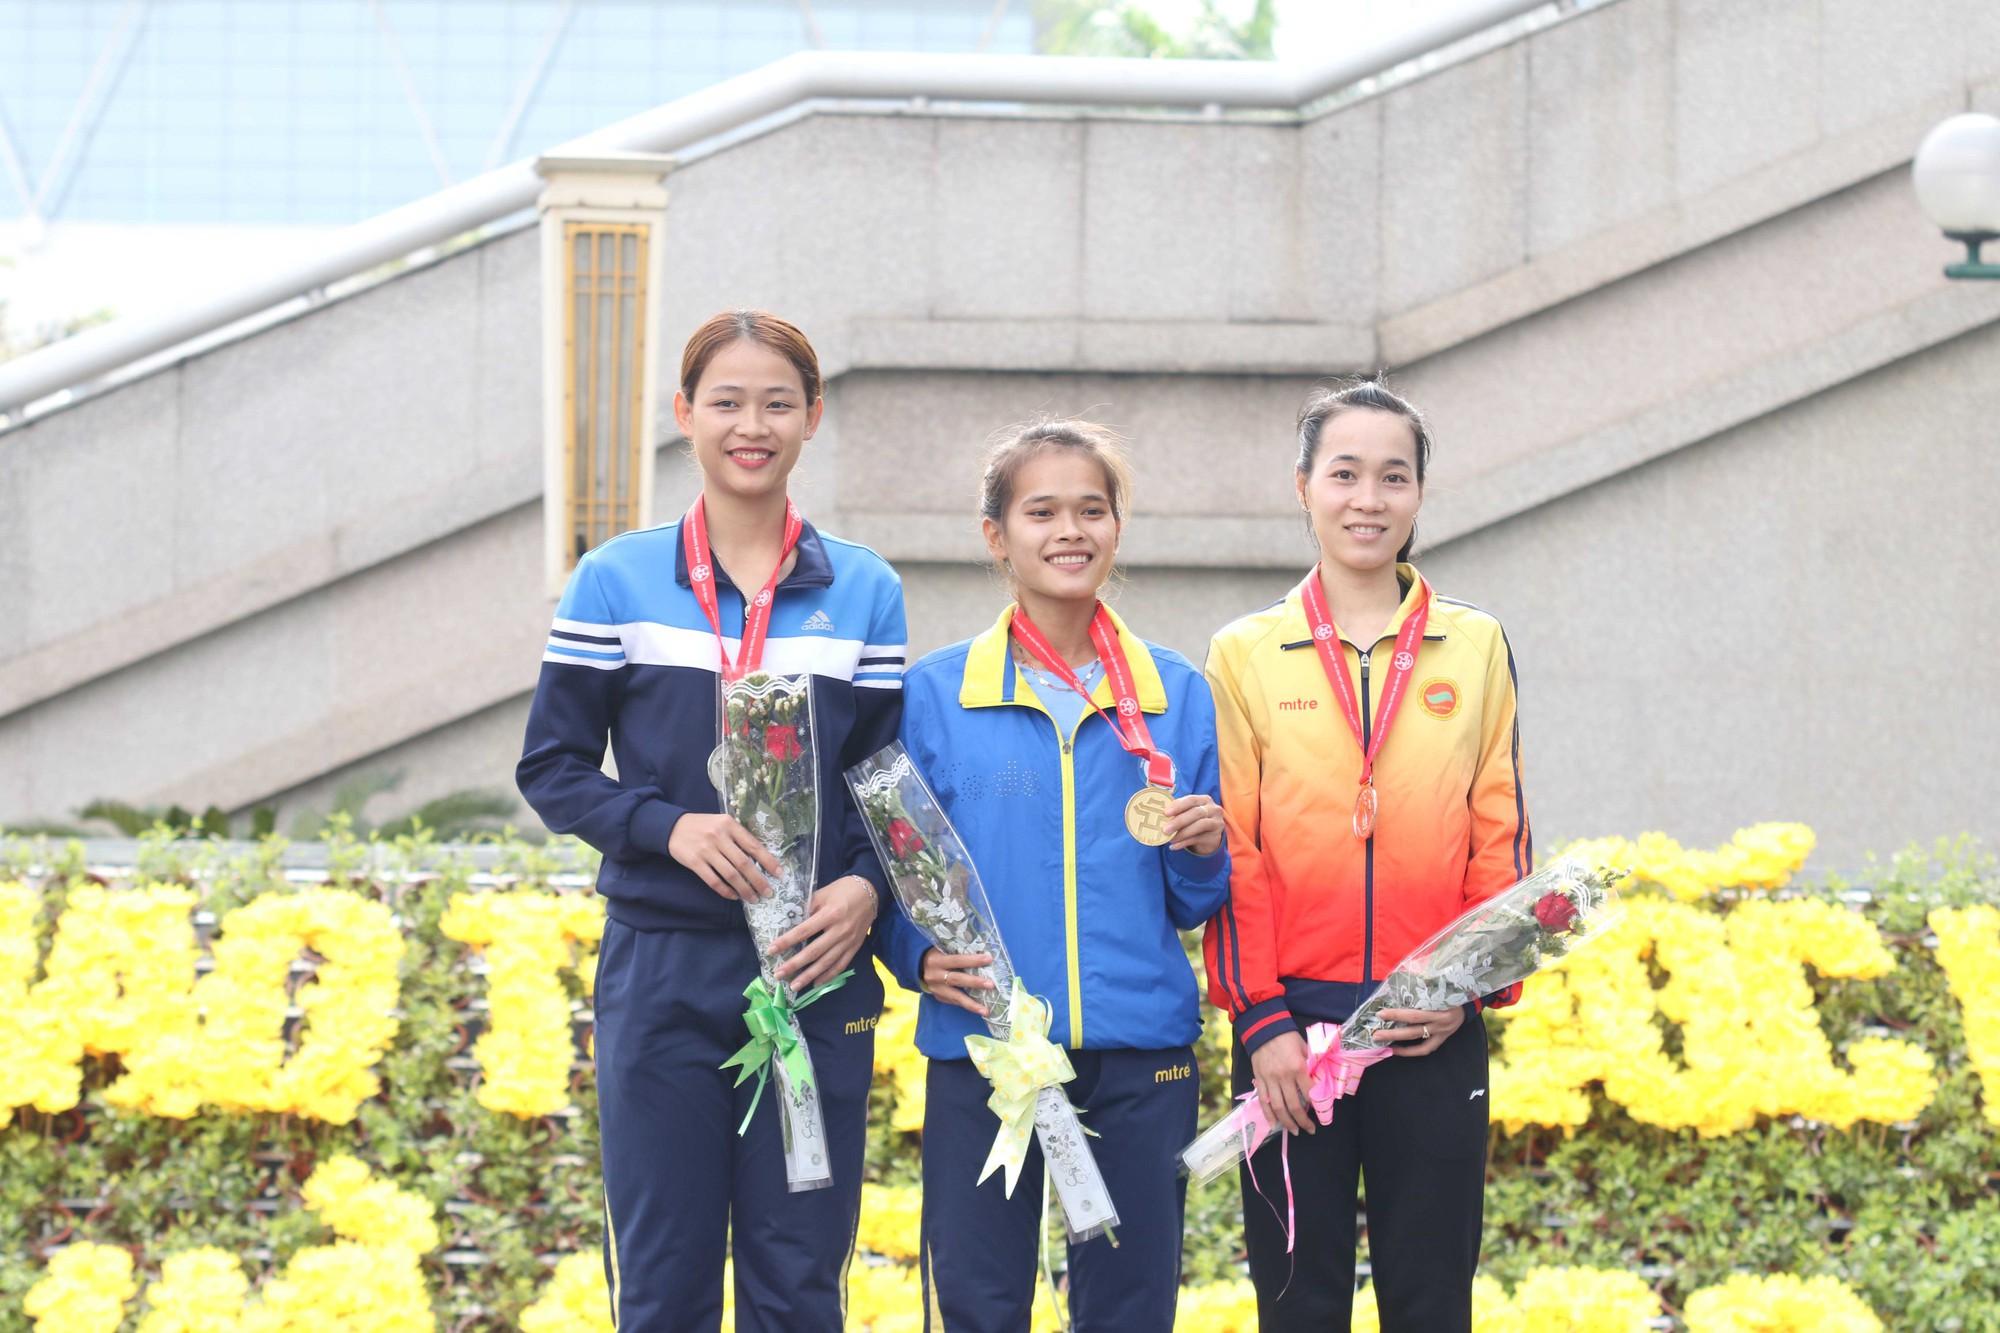 Hồng Lệ và Thế Anh vô địch marathon, chị em Thành Ngưng-Thanh Phúc không có đối thủ - Ảnh 6.